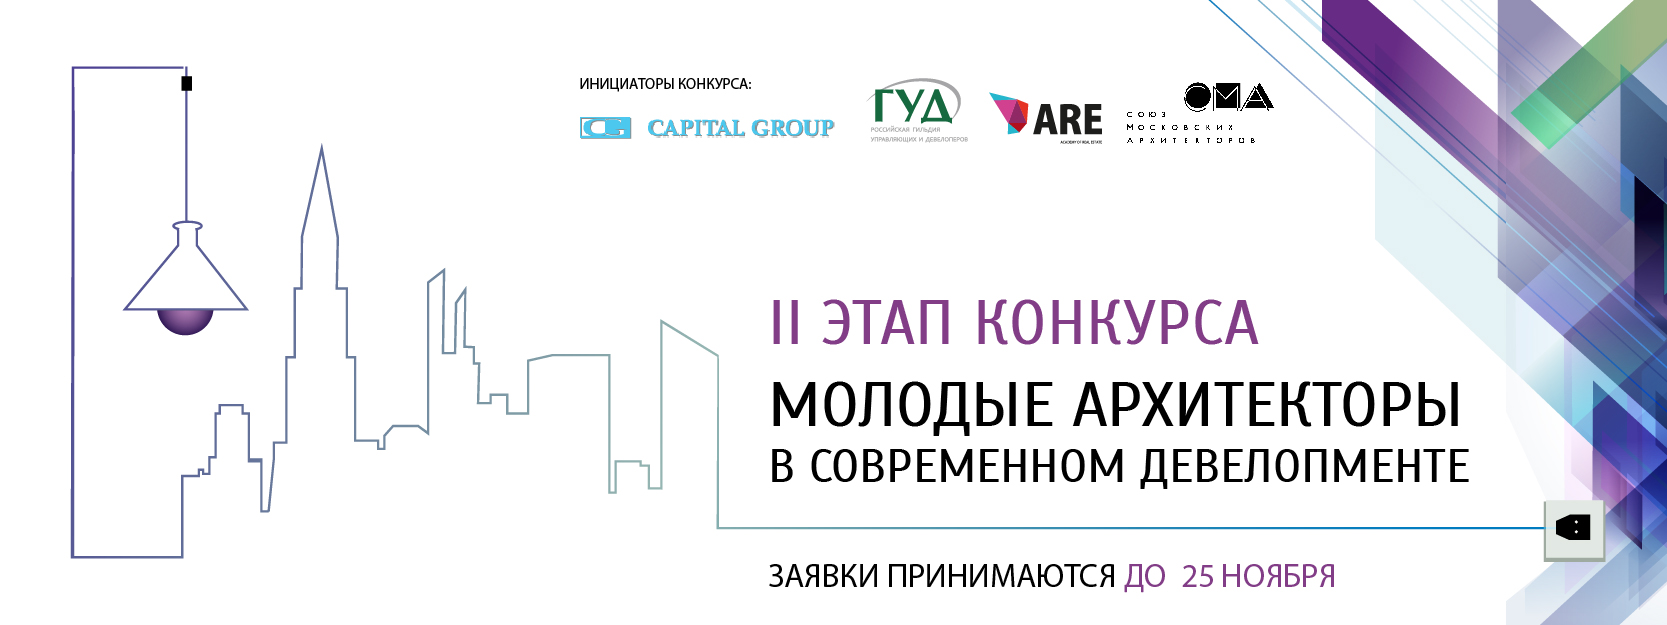 Конкурс для молодых архитекторов